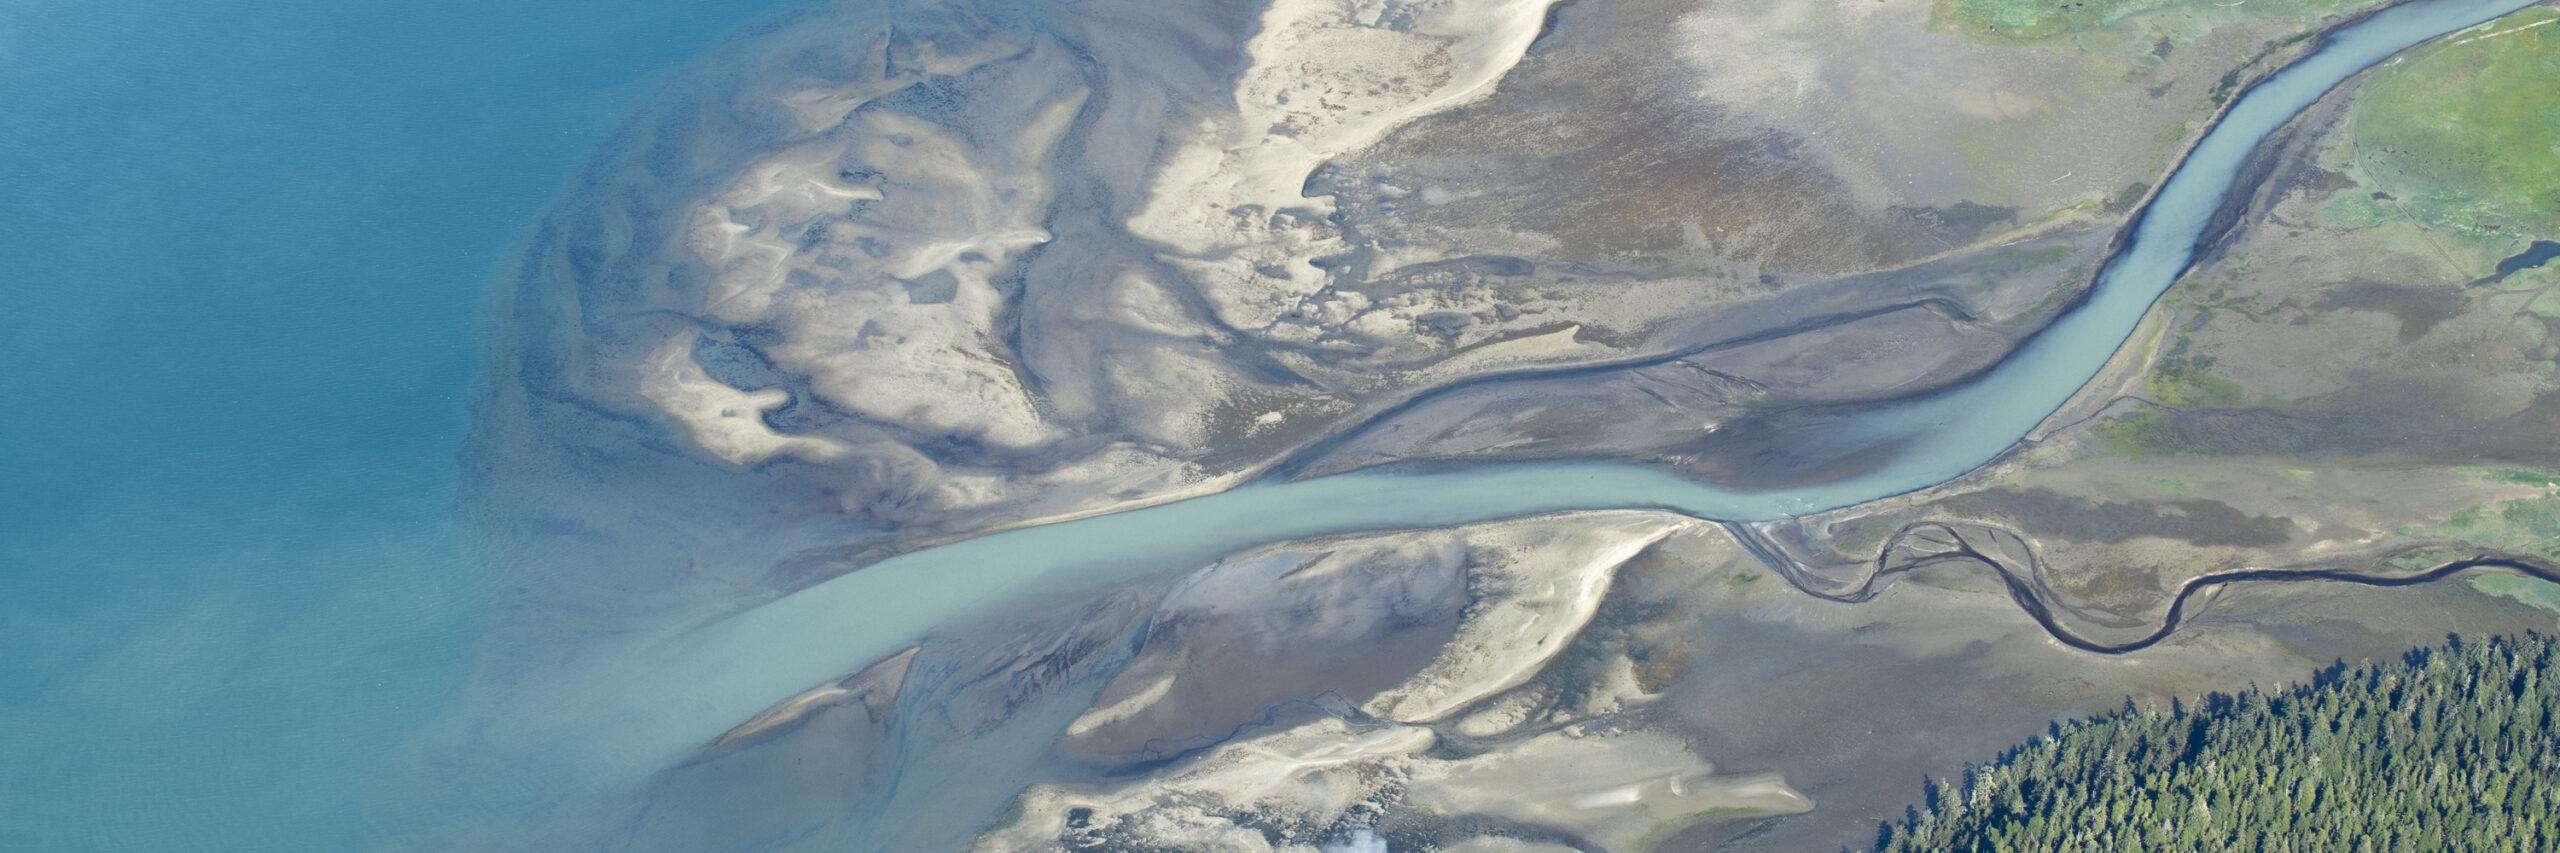 a glacier river flowing into the blue ocean